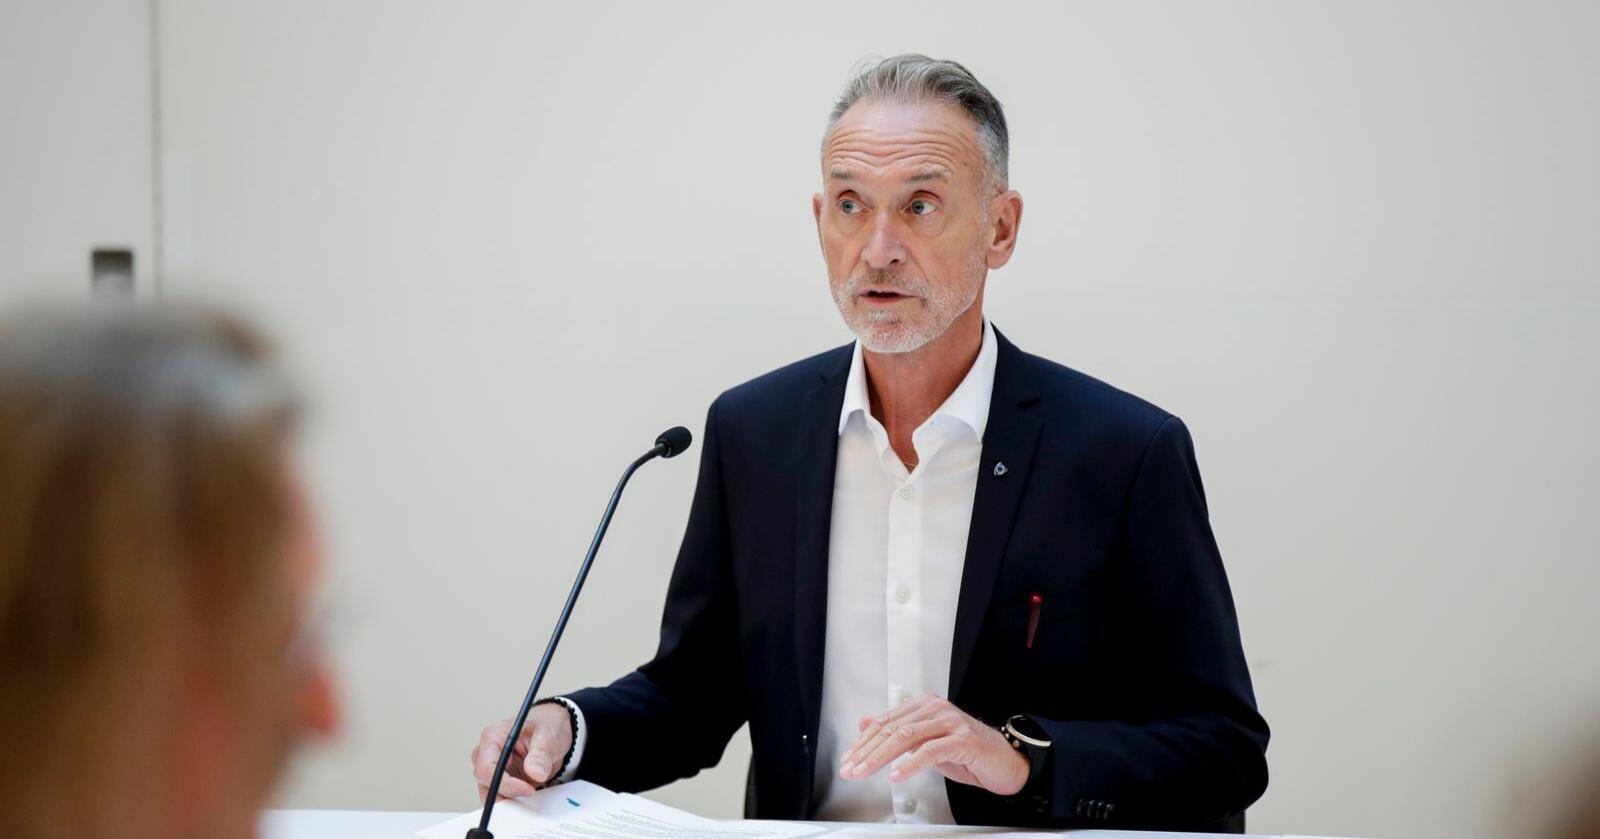 Arbeidslivsdirektør Tor Arne Gangsø er forhandlingsleiar for KS. Foto: Vidar Ruud / NTB